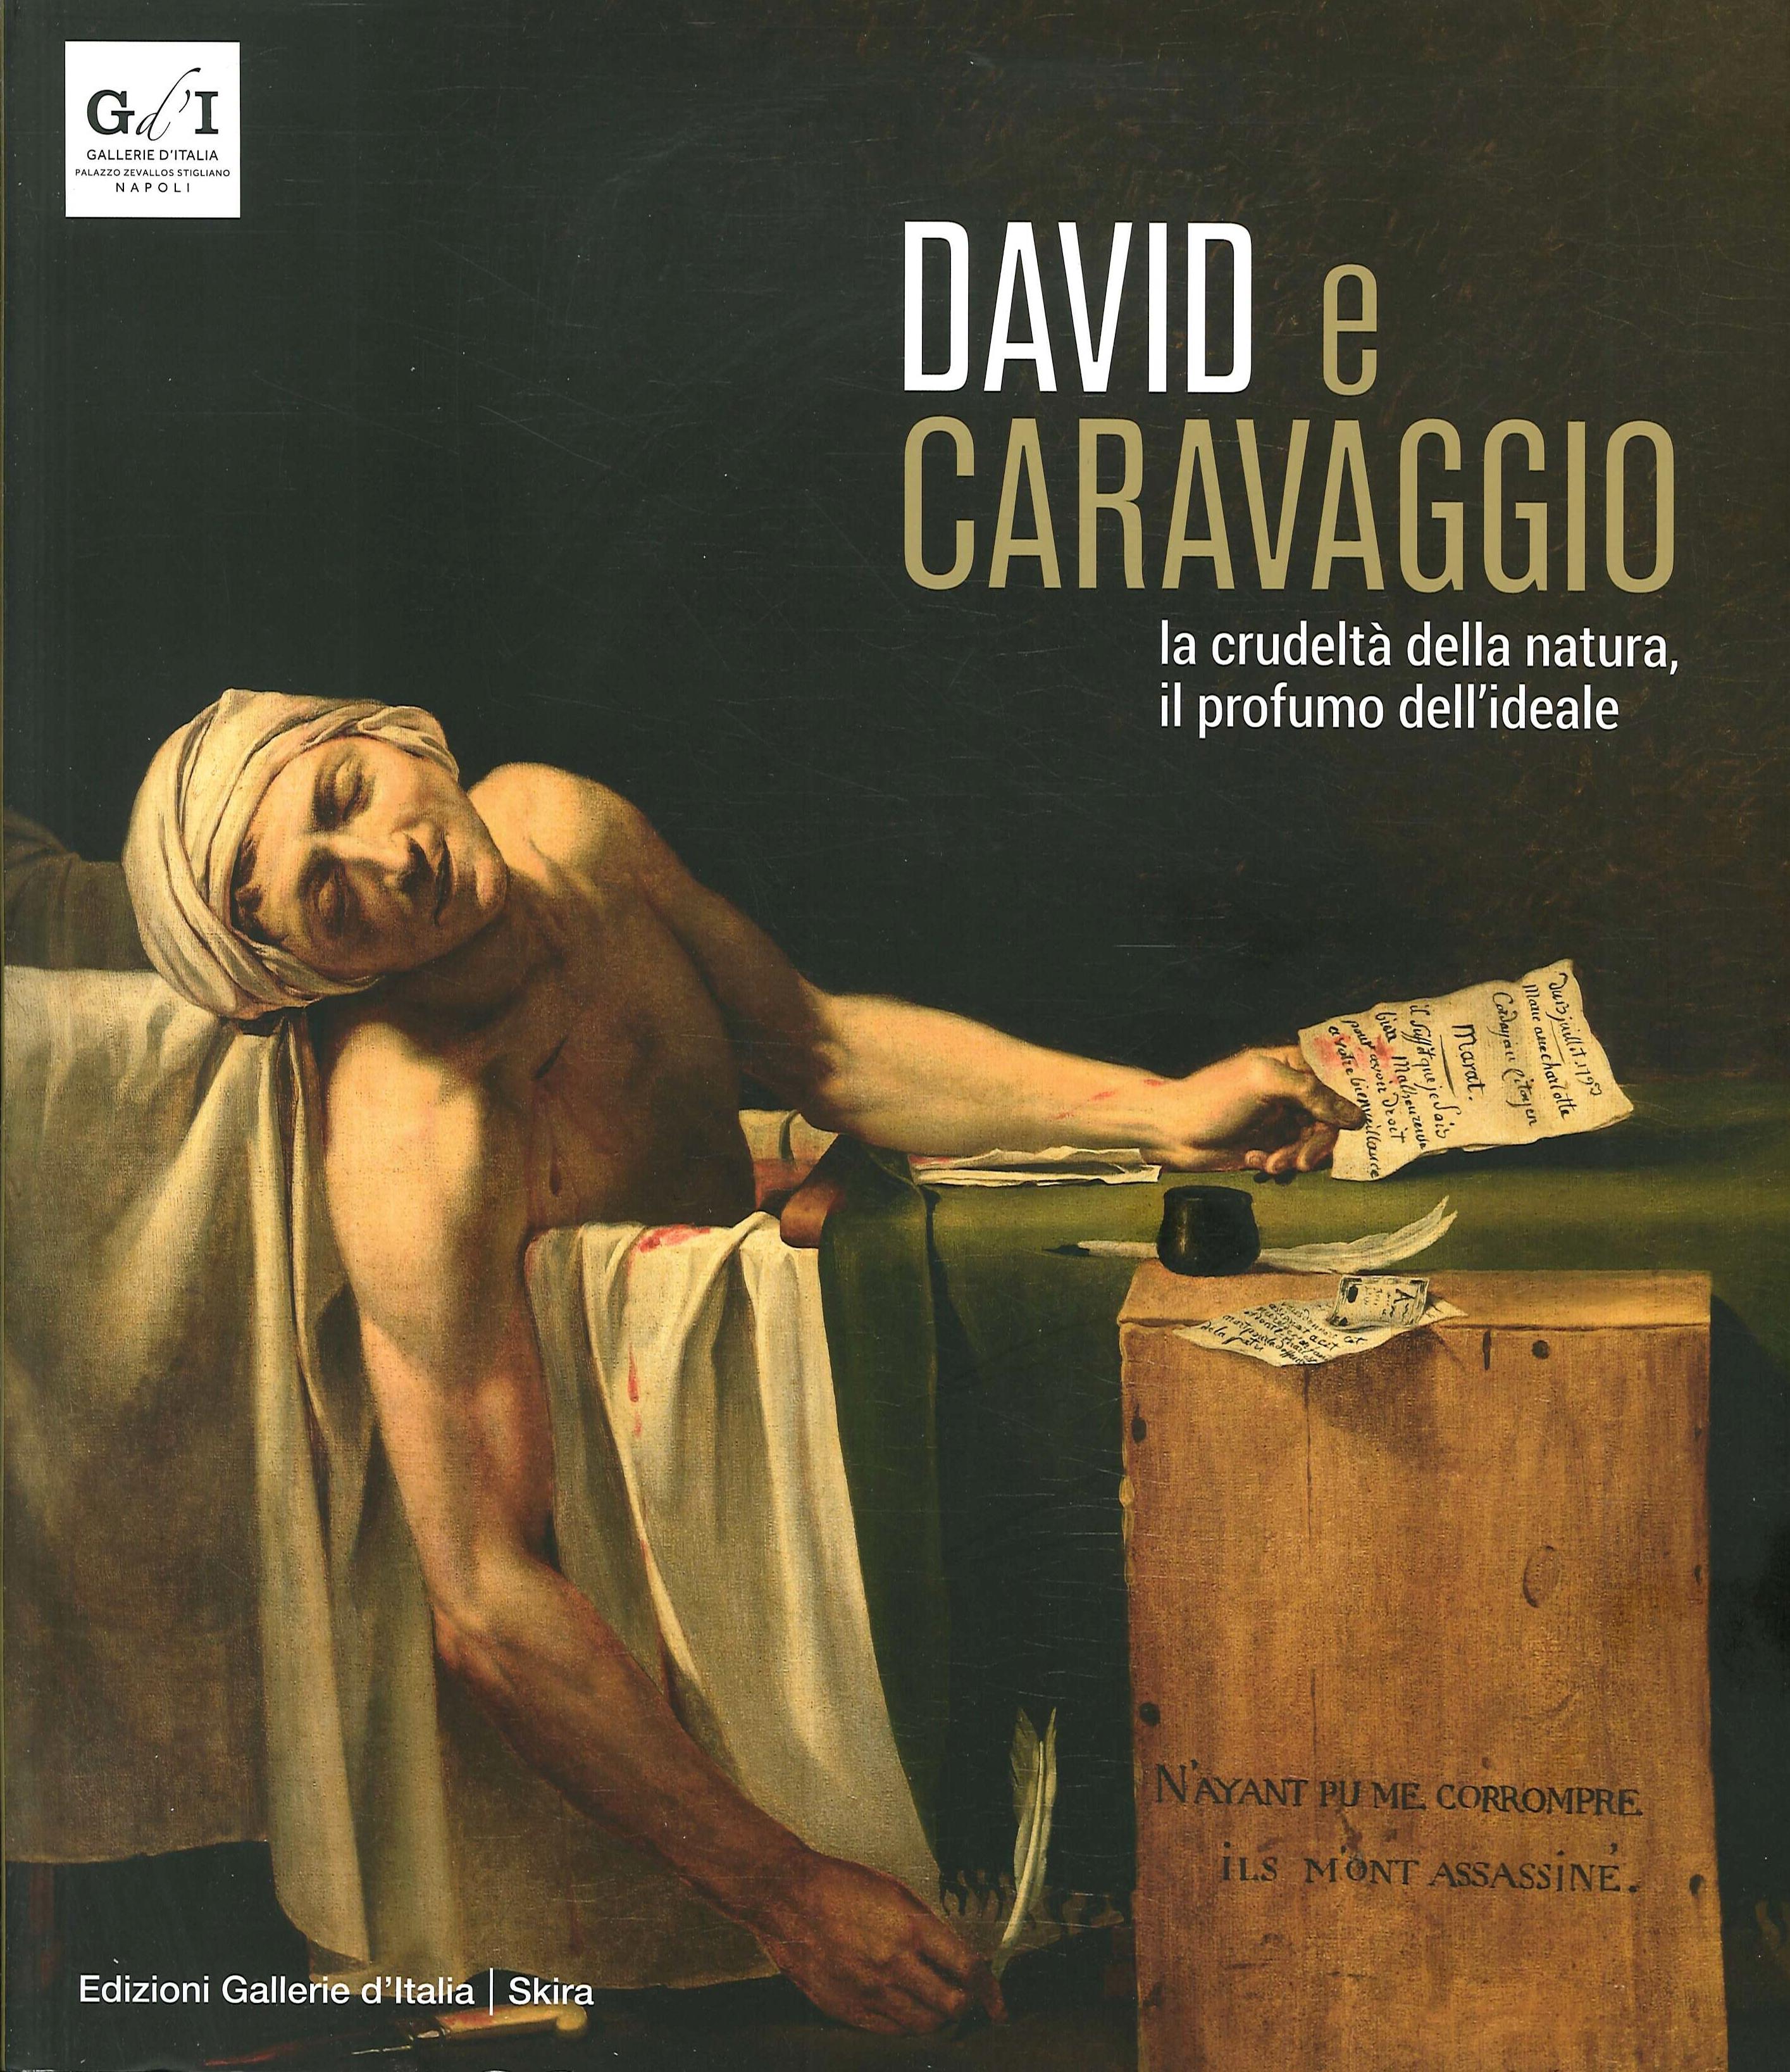 David e Caravaggio. La Crudeltà della Natura, il Profumo dell'Ideale.